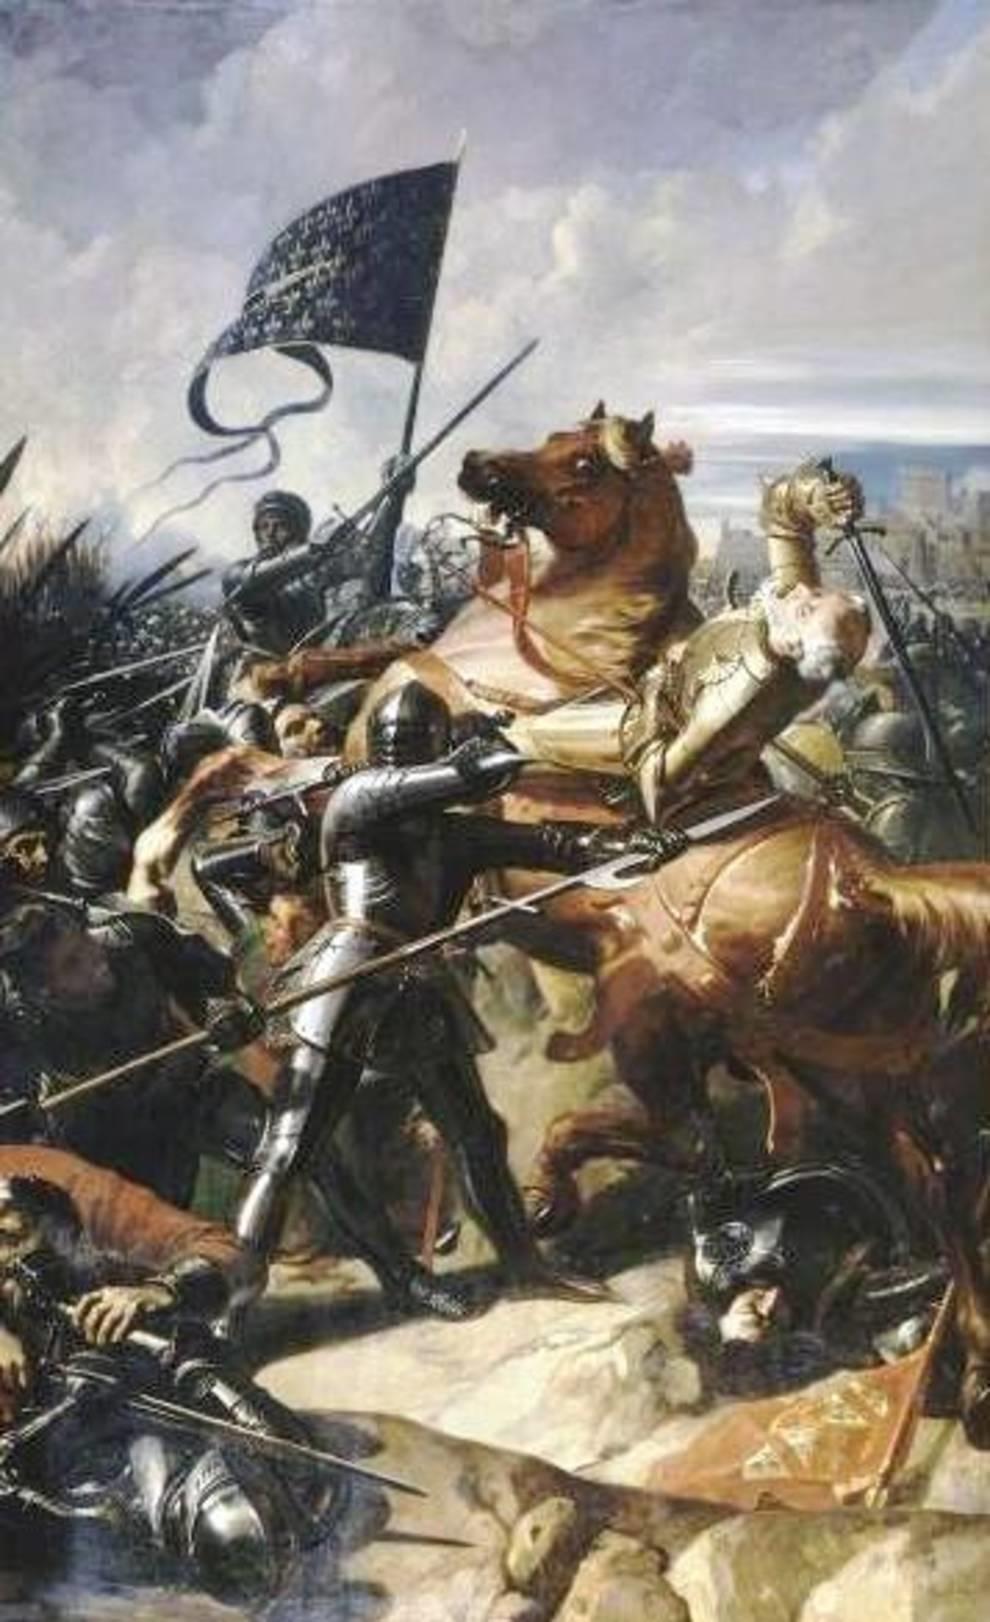 17 июля: битва при Кастильони,  Виндзорская династия и